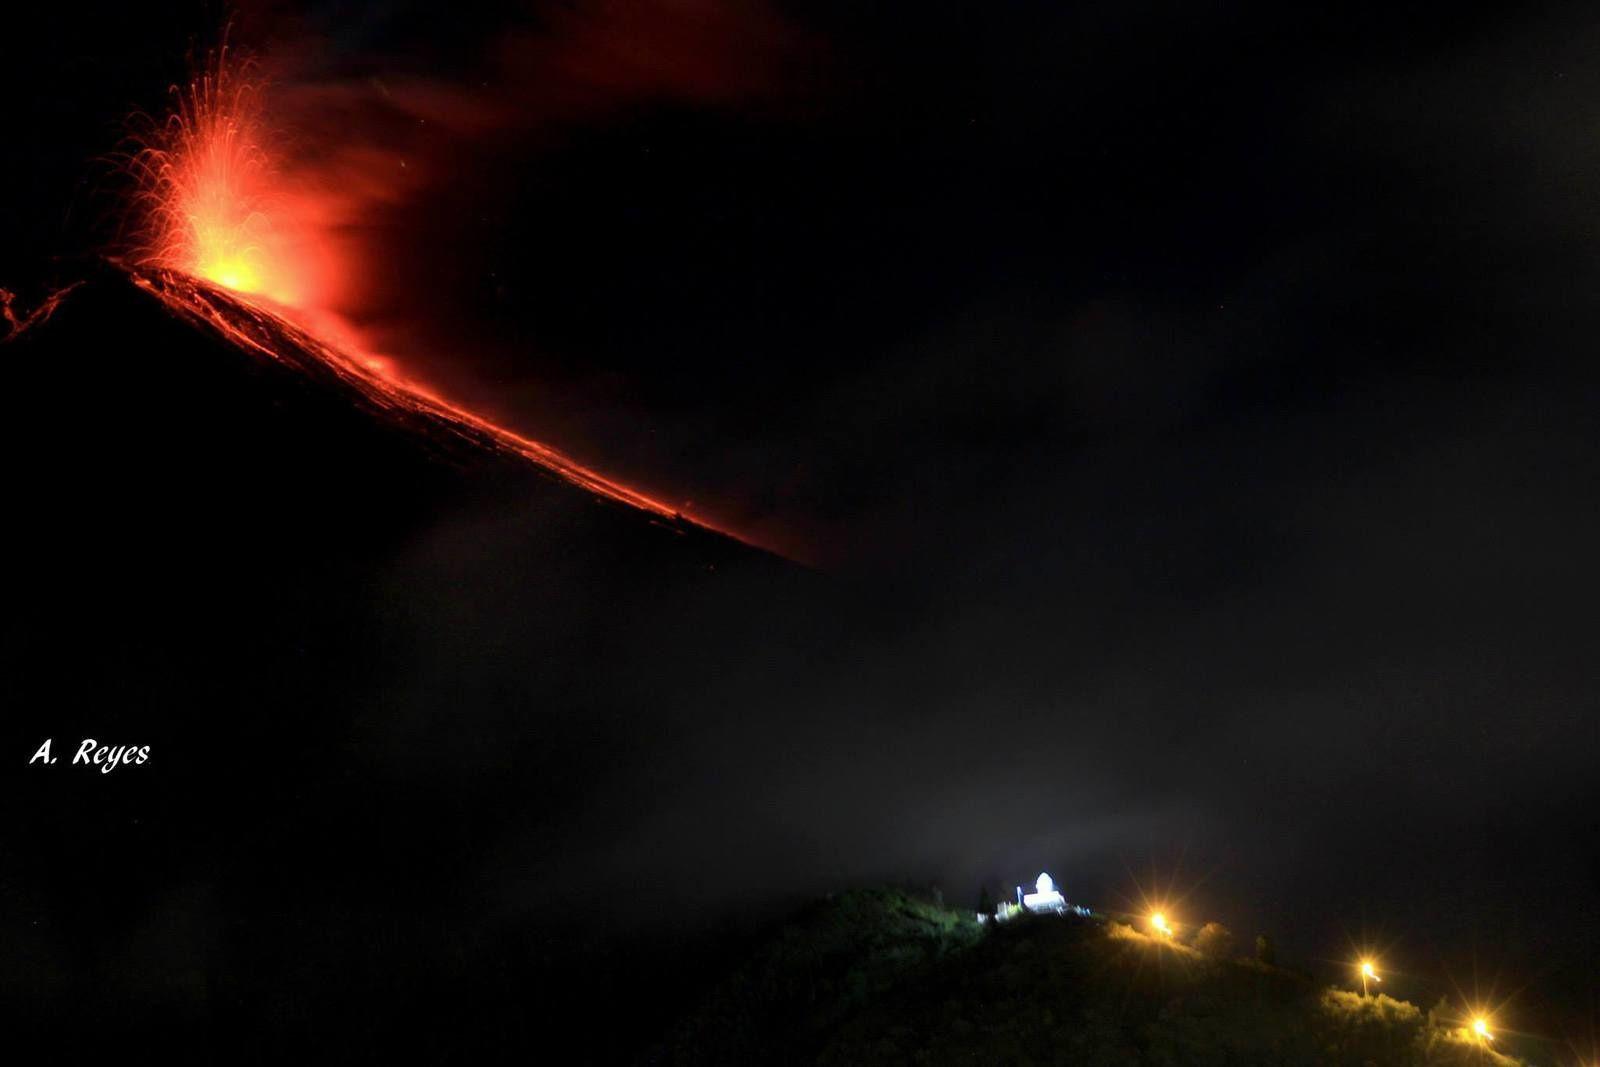 Tungurahua - 10.04.2014 - photo Andres Reyes / page FB / Tungurahua volcano